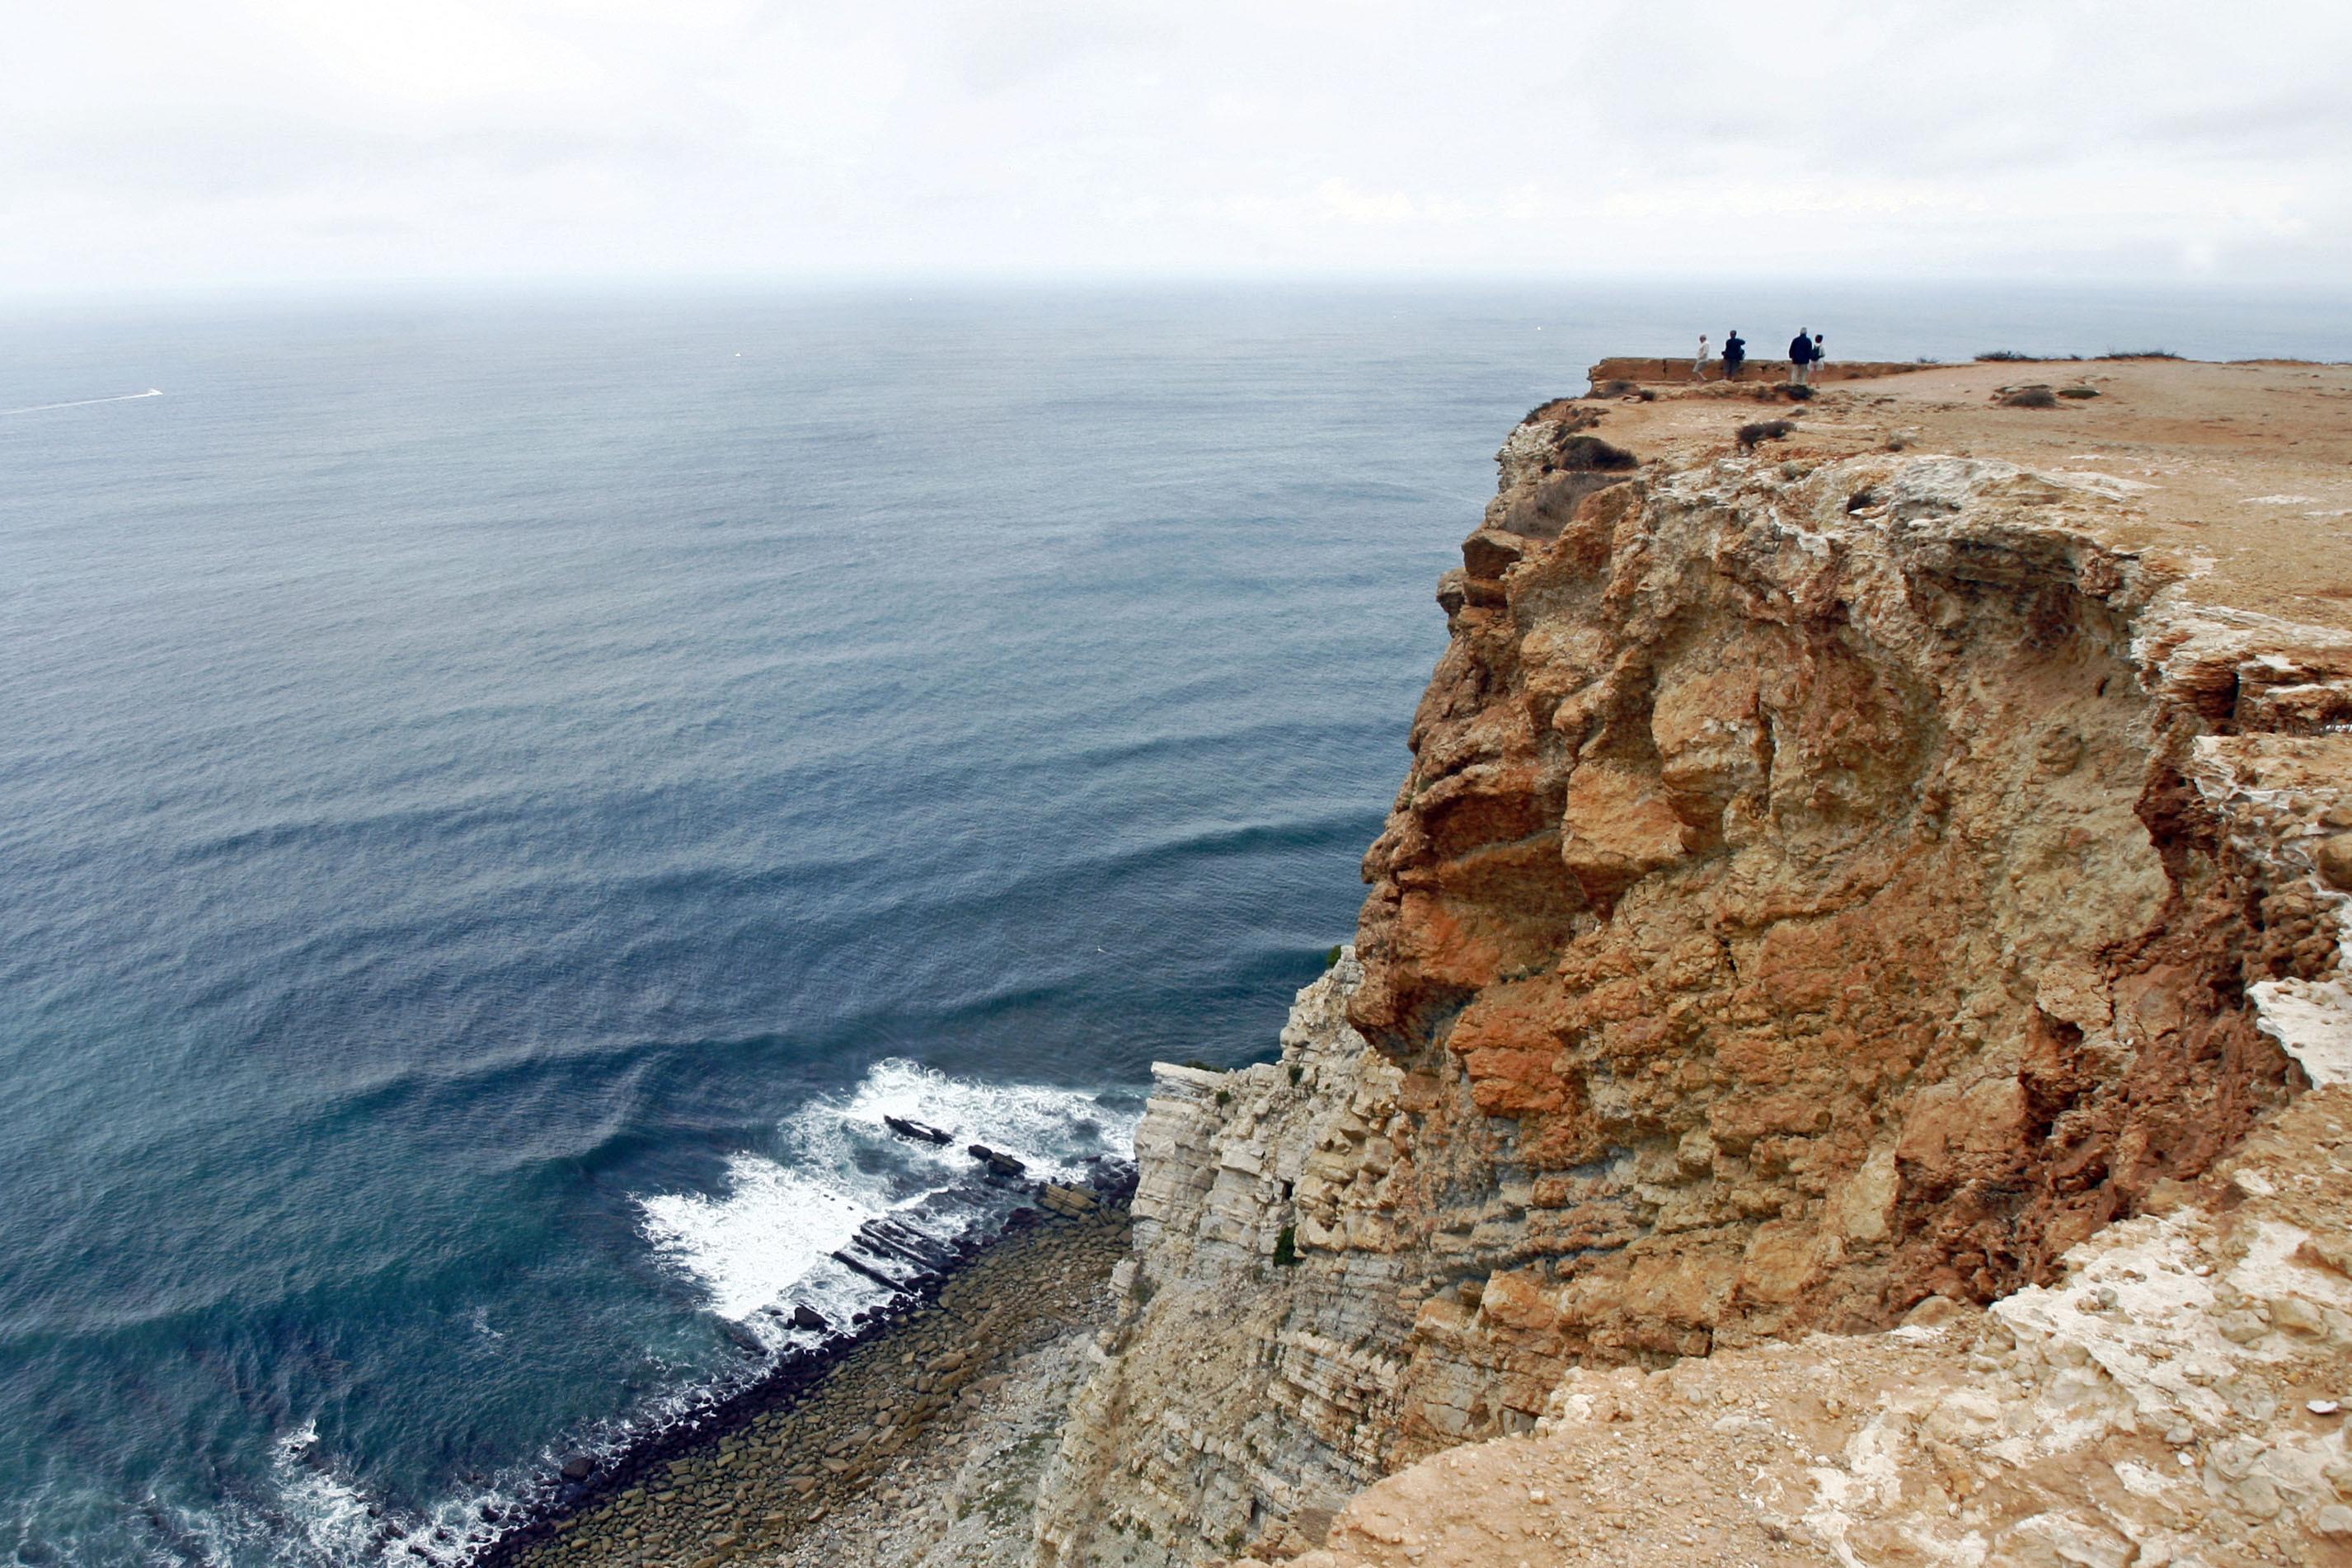 Carro cai na zona do Cabo Espichel. Helicóptero acionado para resgate